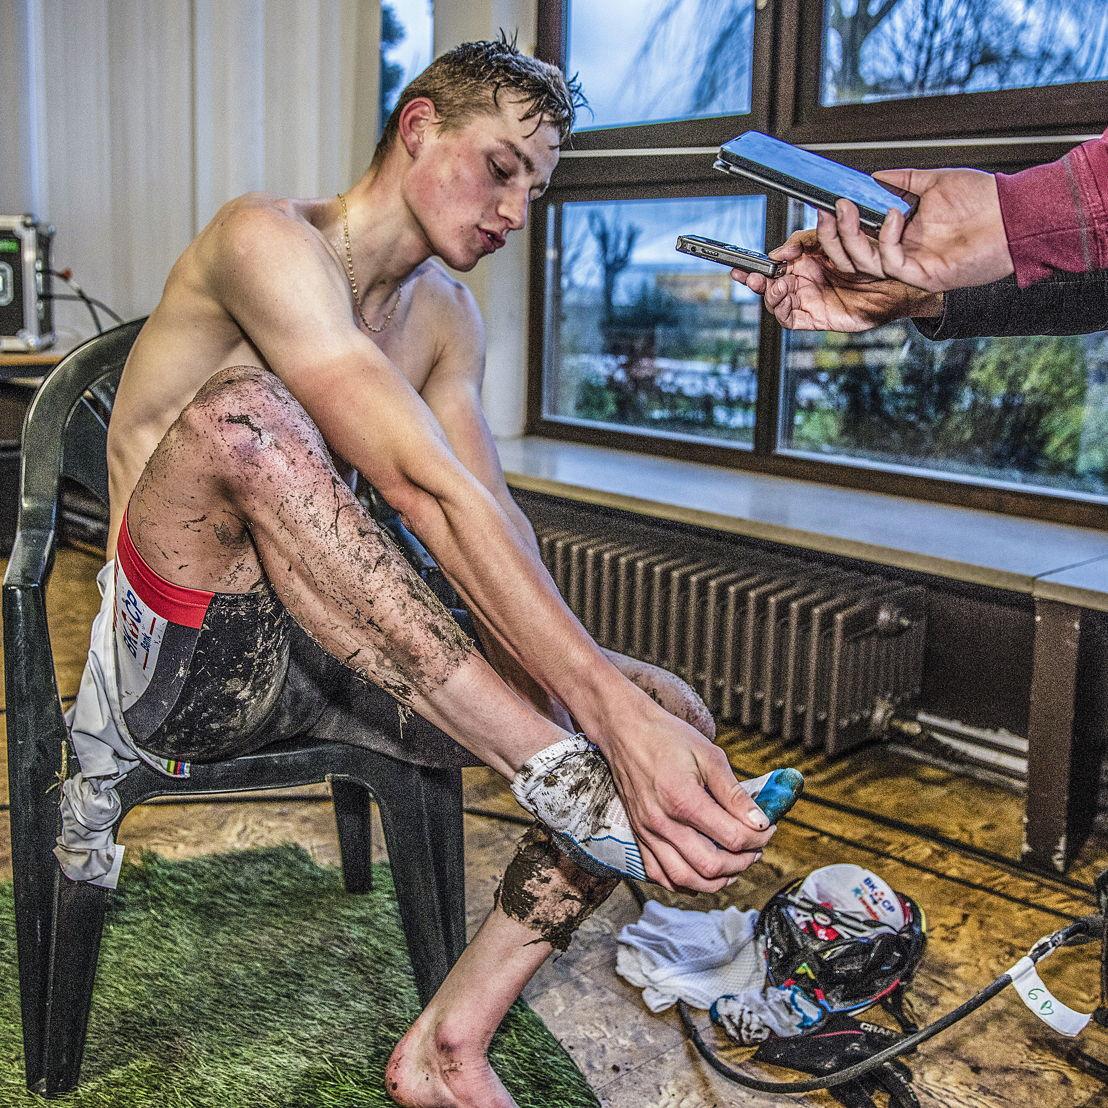 © Peter Malaise – winnaar NPPA Sport 2016. Deze foto mag gebruikt worden met vermelding NPPA's tot 19/8/17.